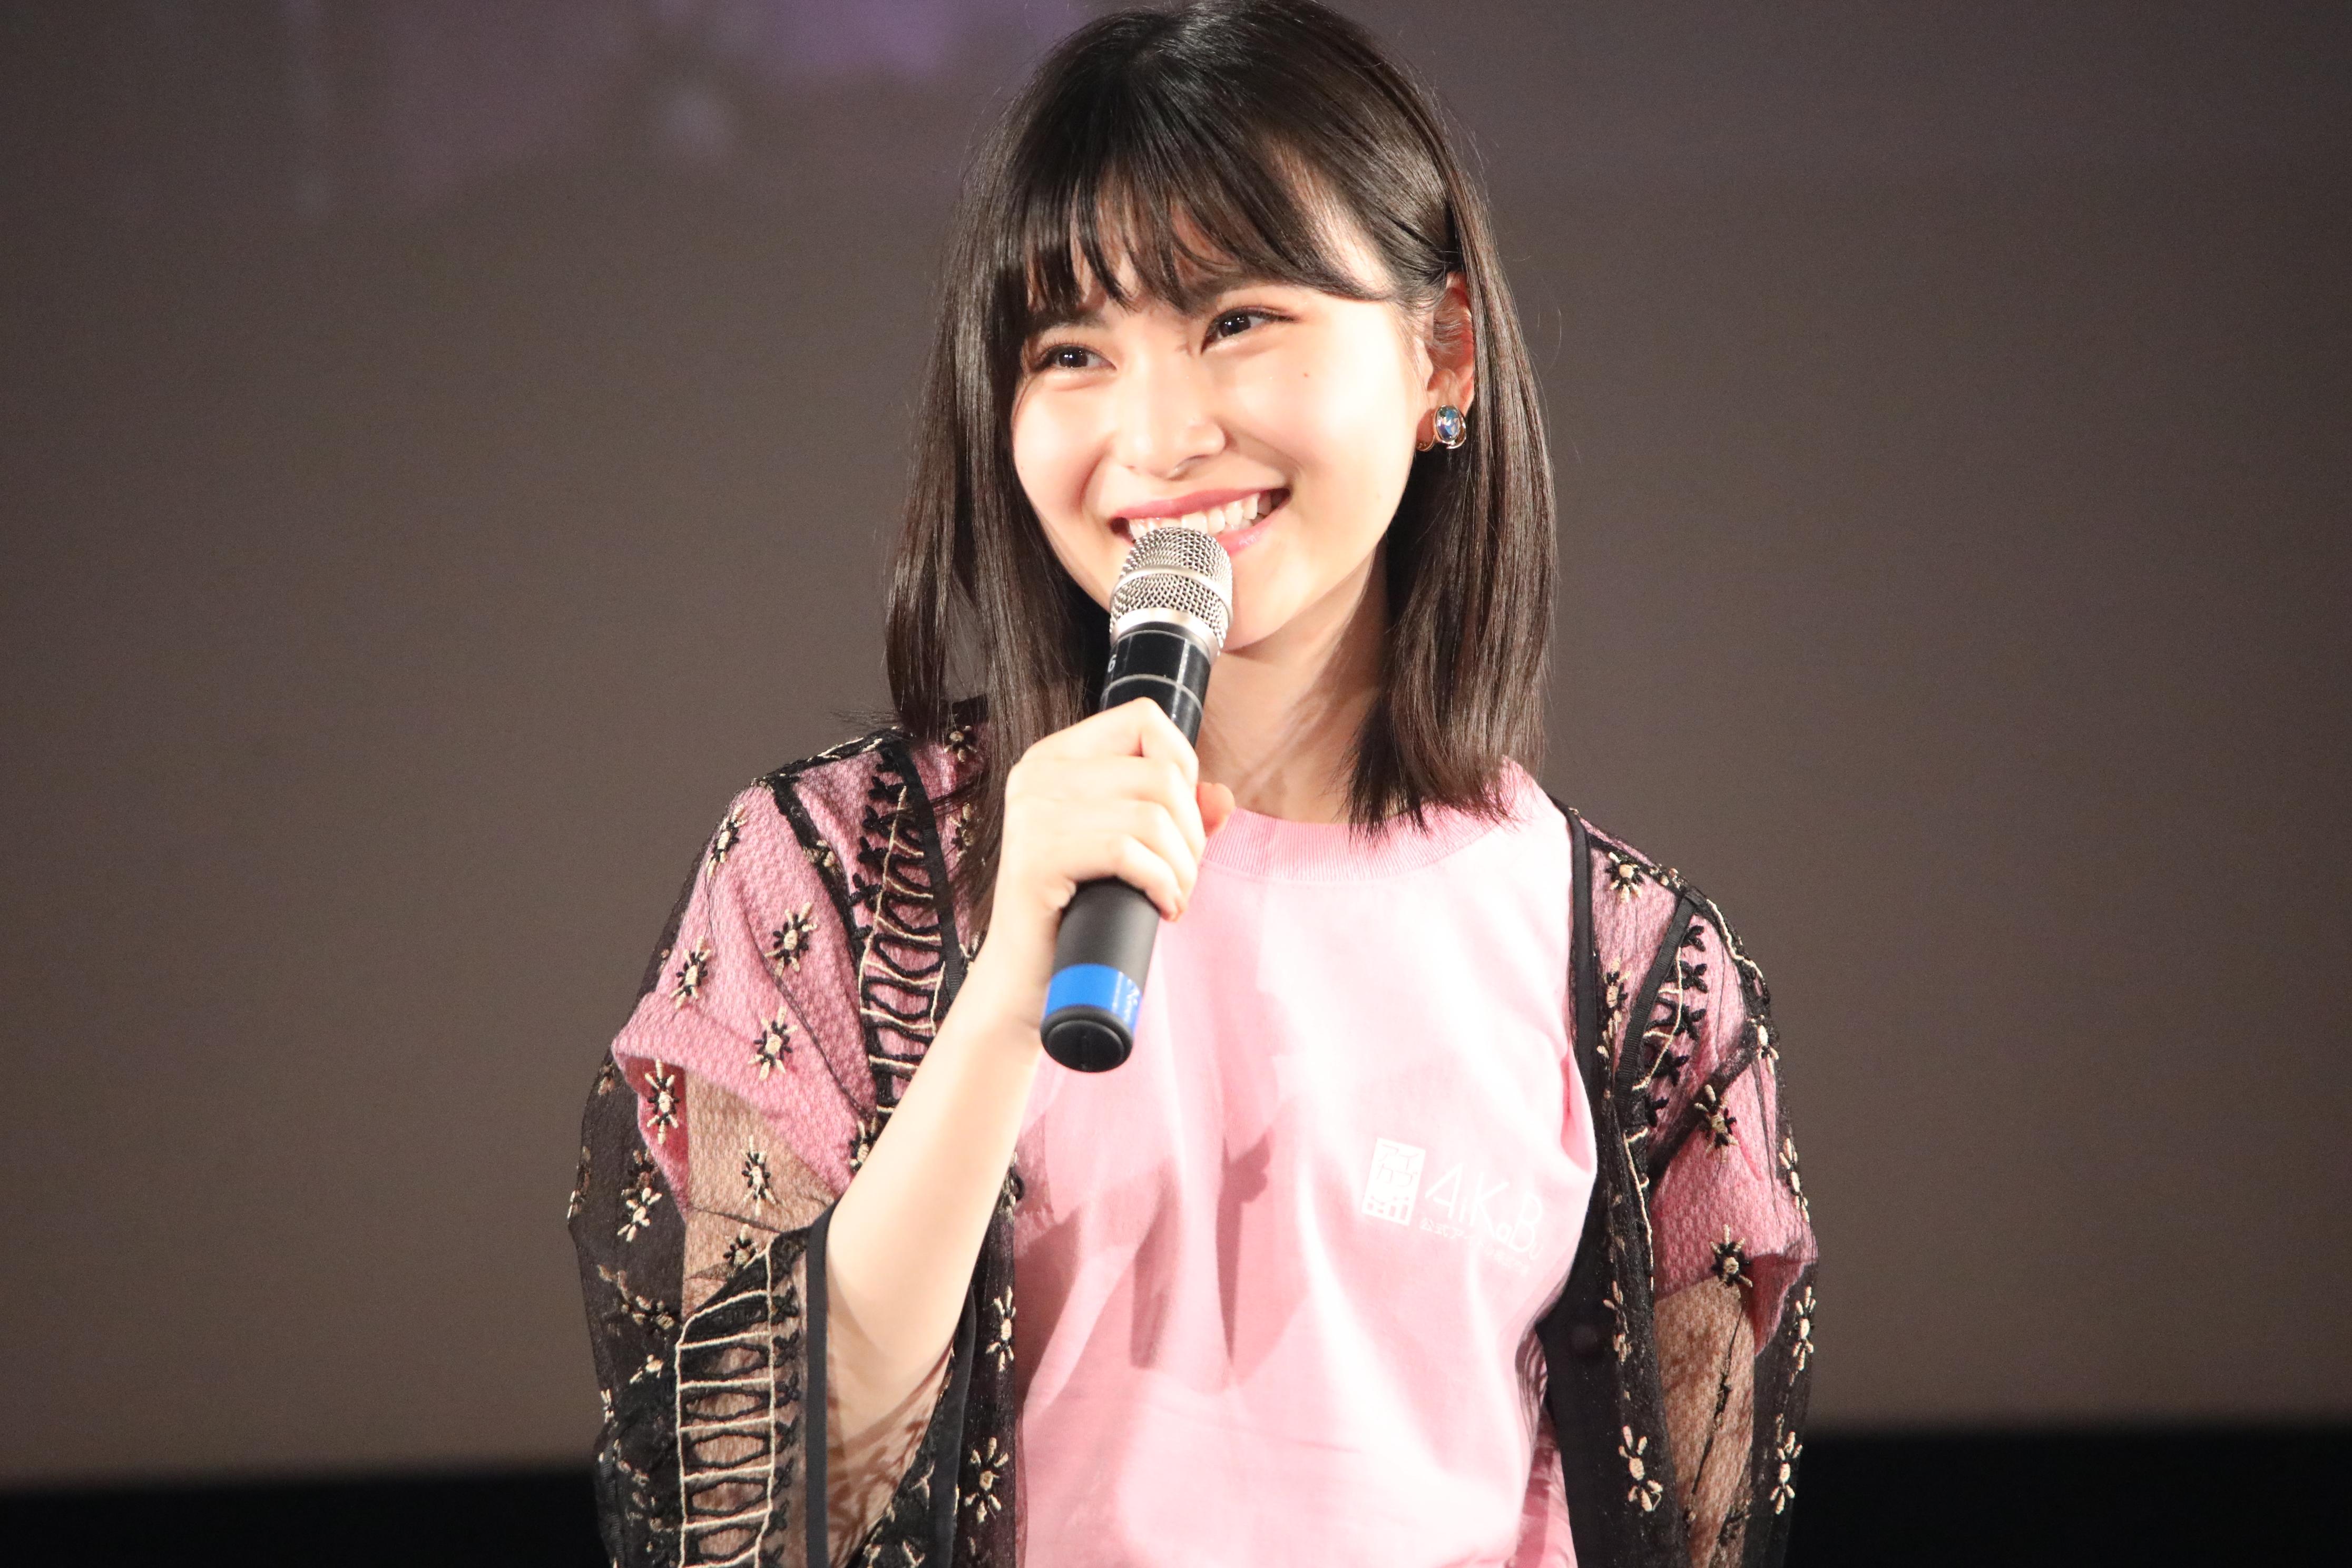 福岡塾株式会社:福岡聖菜社長(AKB48)